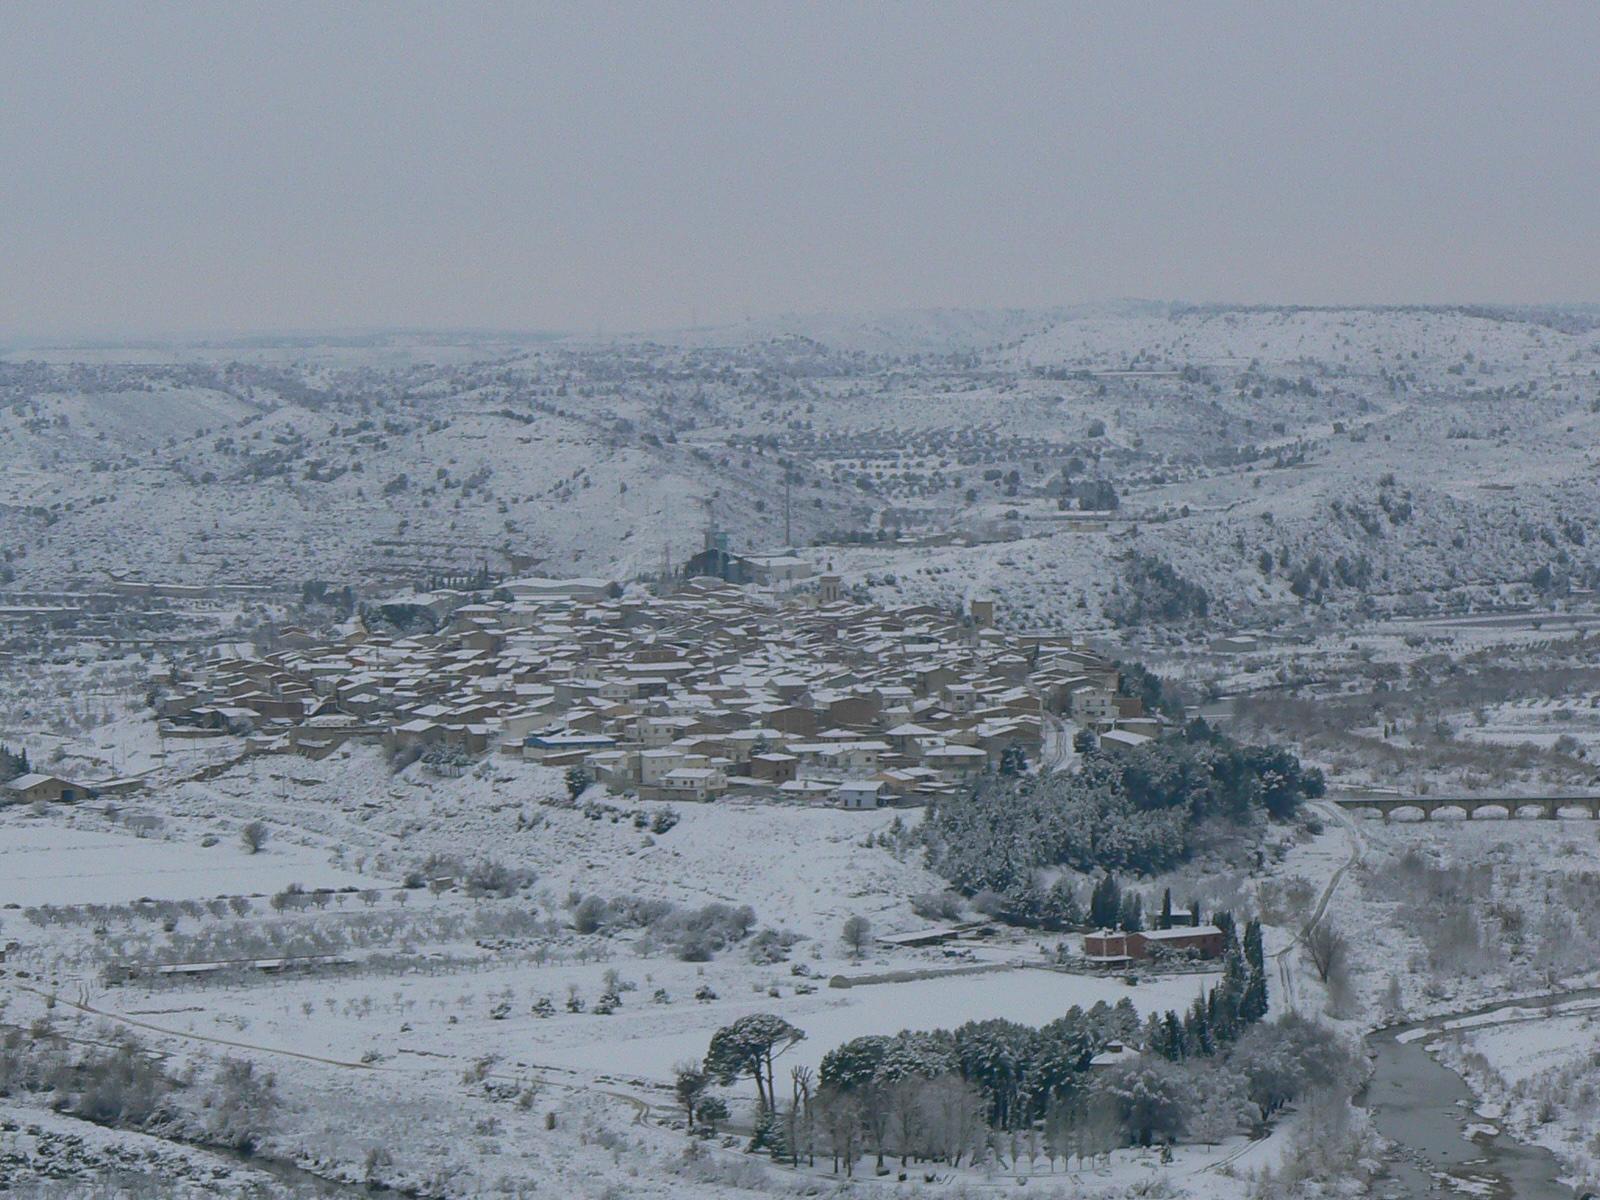 foto-original-Nonaspe-nevado-desde-el-Castellet-de-Fai-4bfead1a43683